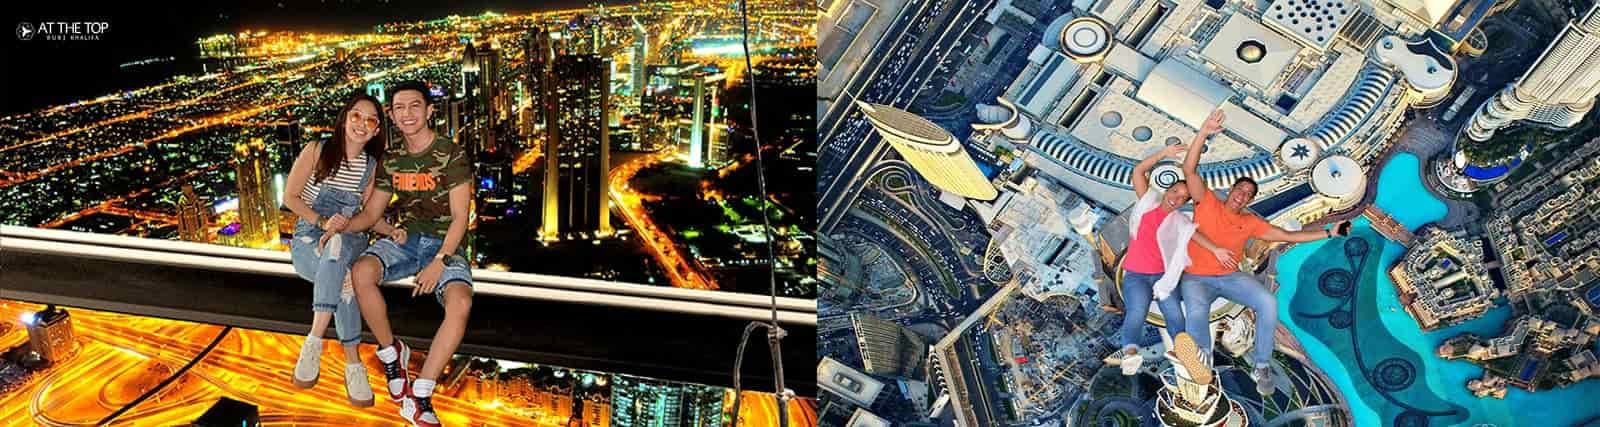 Photo Pass Dubai